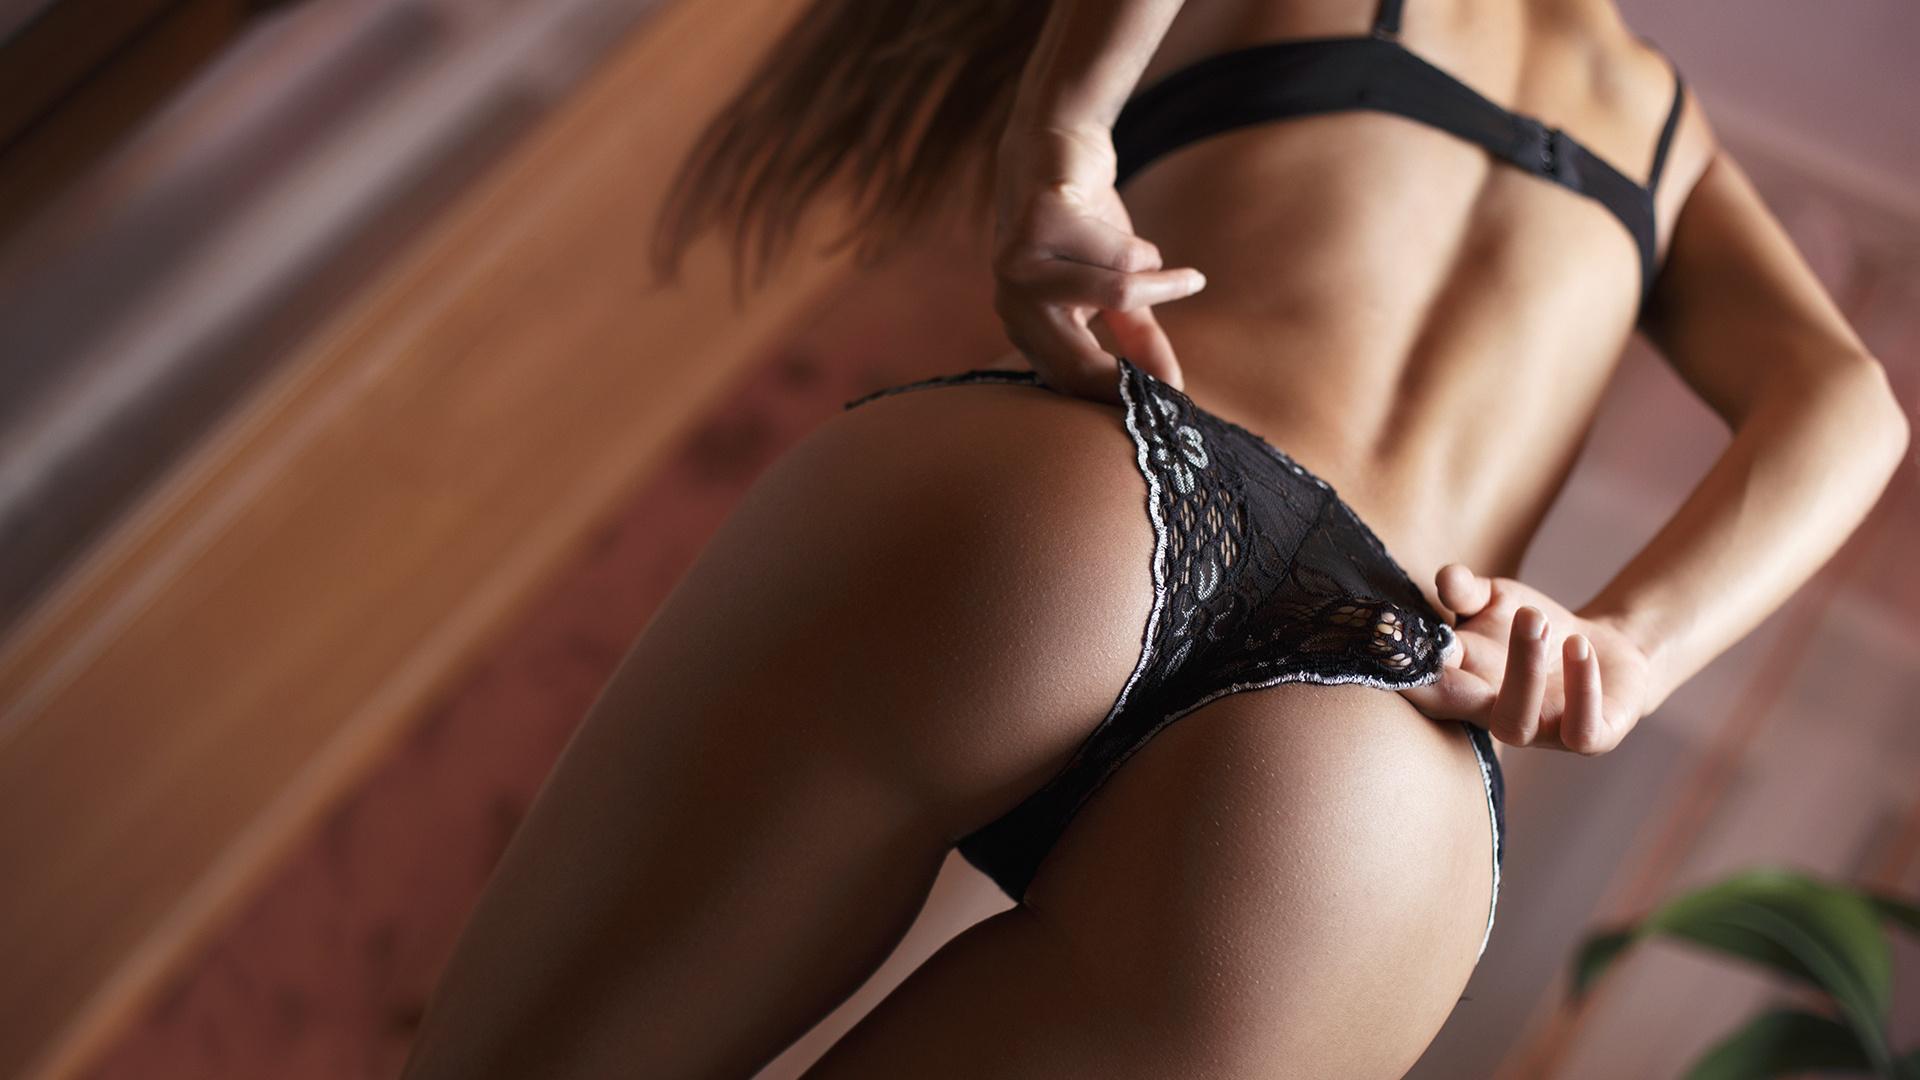 Красавица пытается сексуально снять с себя черные трусики